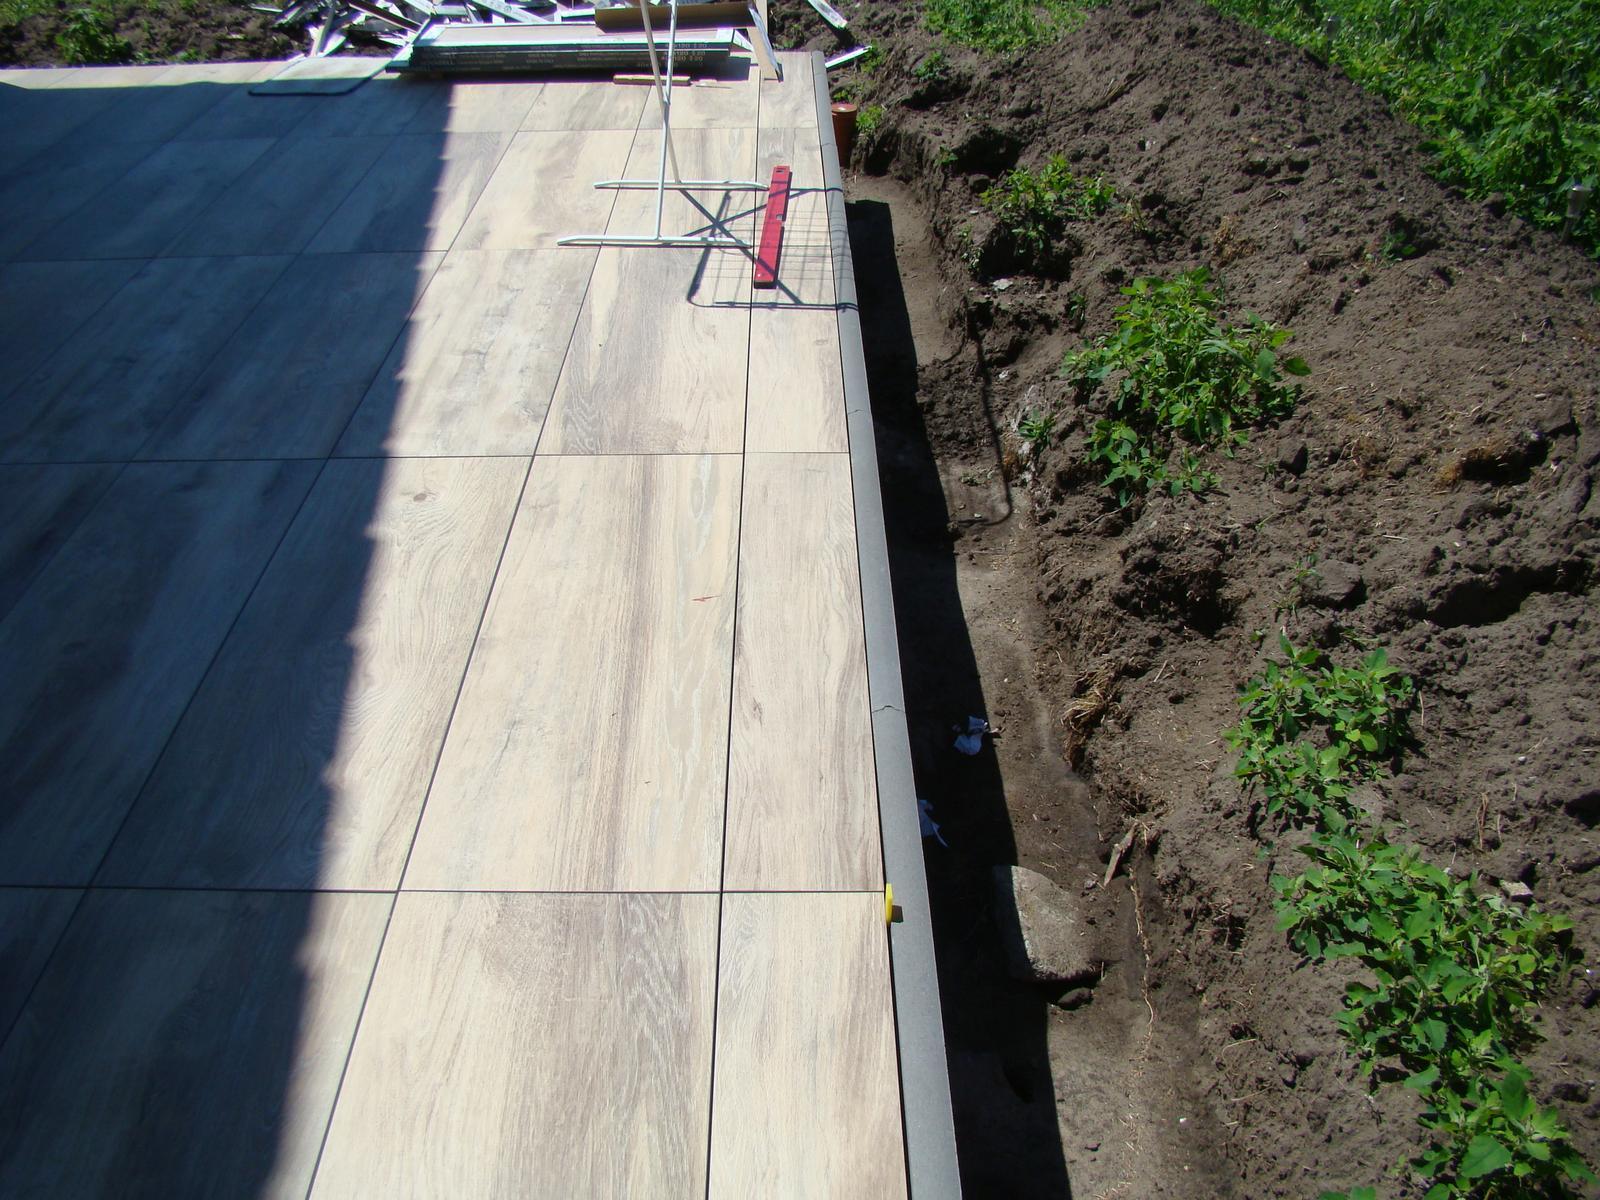 Terasa k domu - Medzere medzi dlažbami sa nešpárujú. Tam je priestor, aby odtiekla voda pod dlažbu a po betóne preč z terasy.